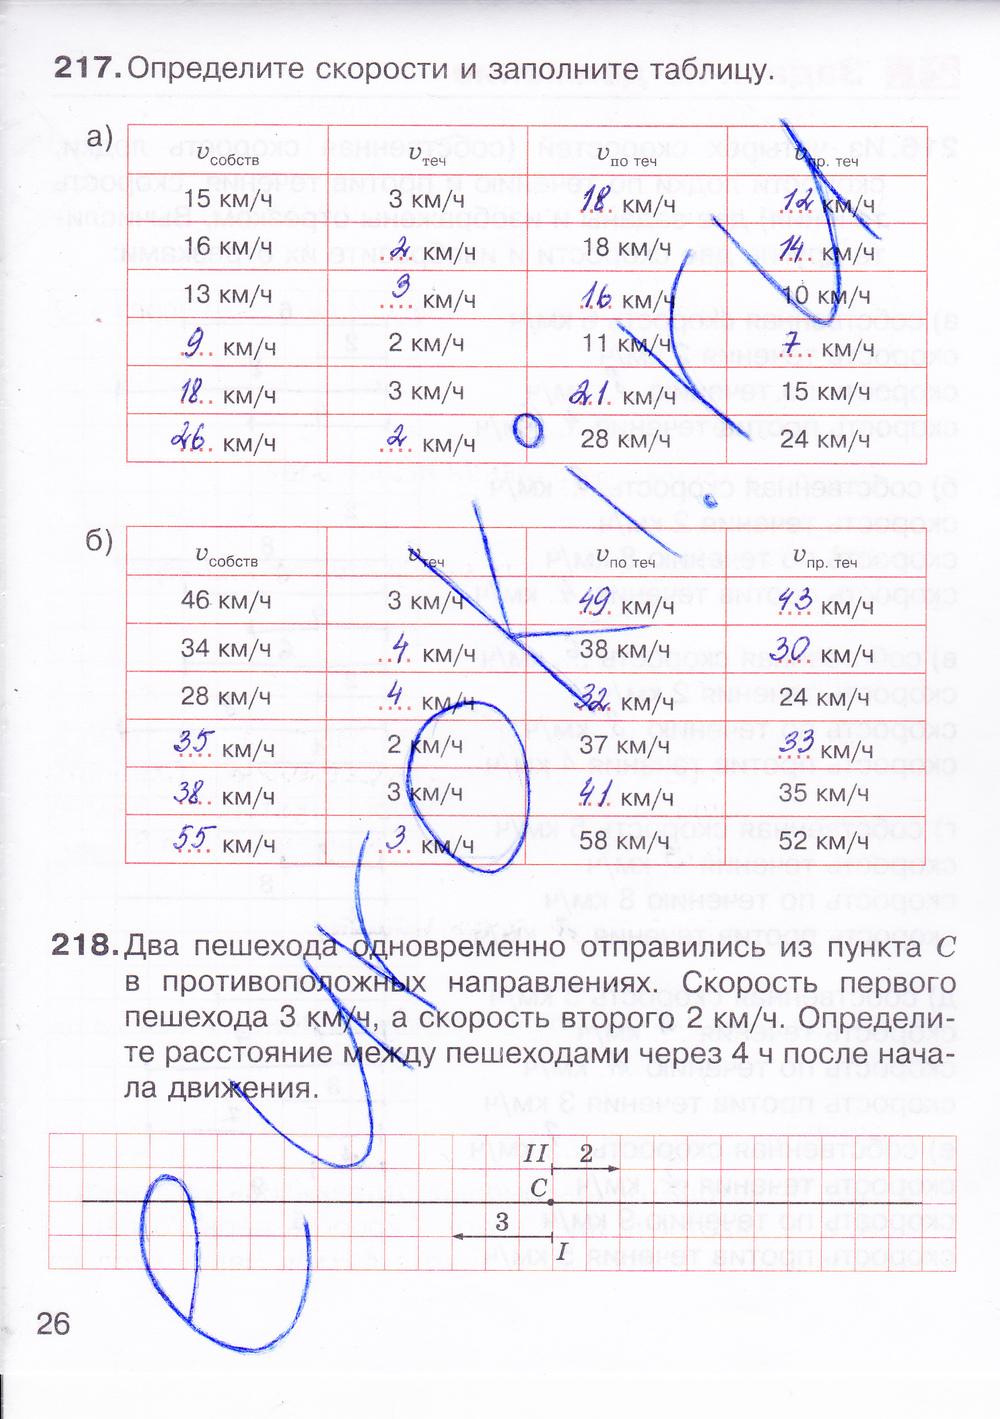 гдз по математике 5 класс 2 часть никольский